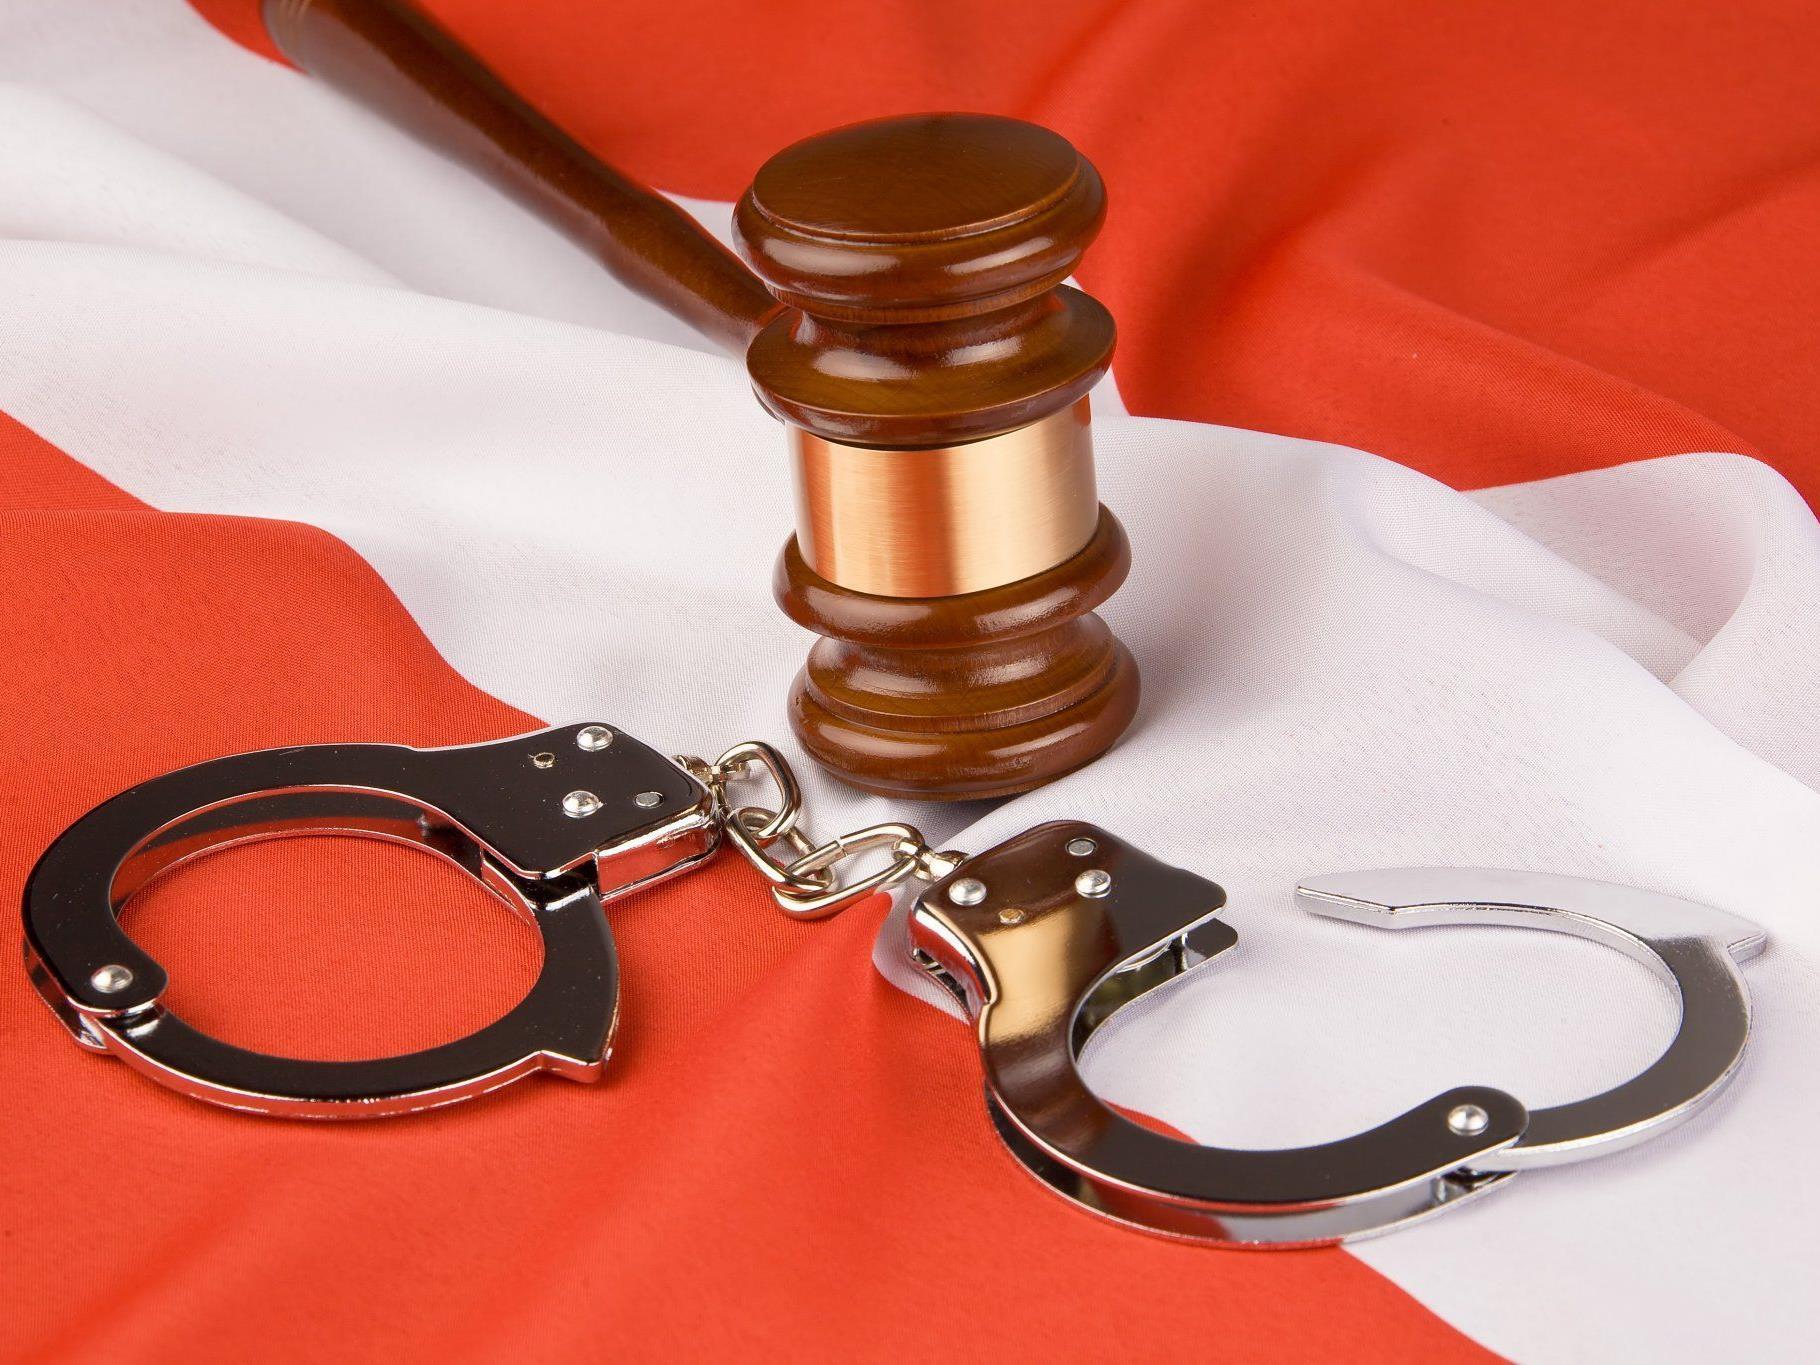 Die 20-Jährige wurde zu sieben Monaten teilbedingte Haft verurteilt.